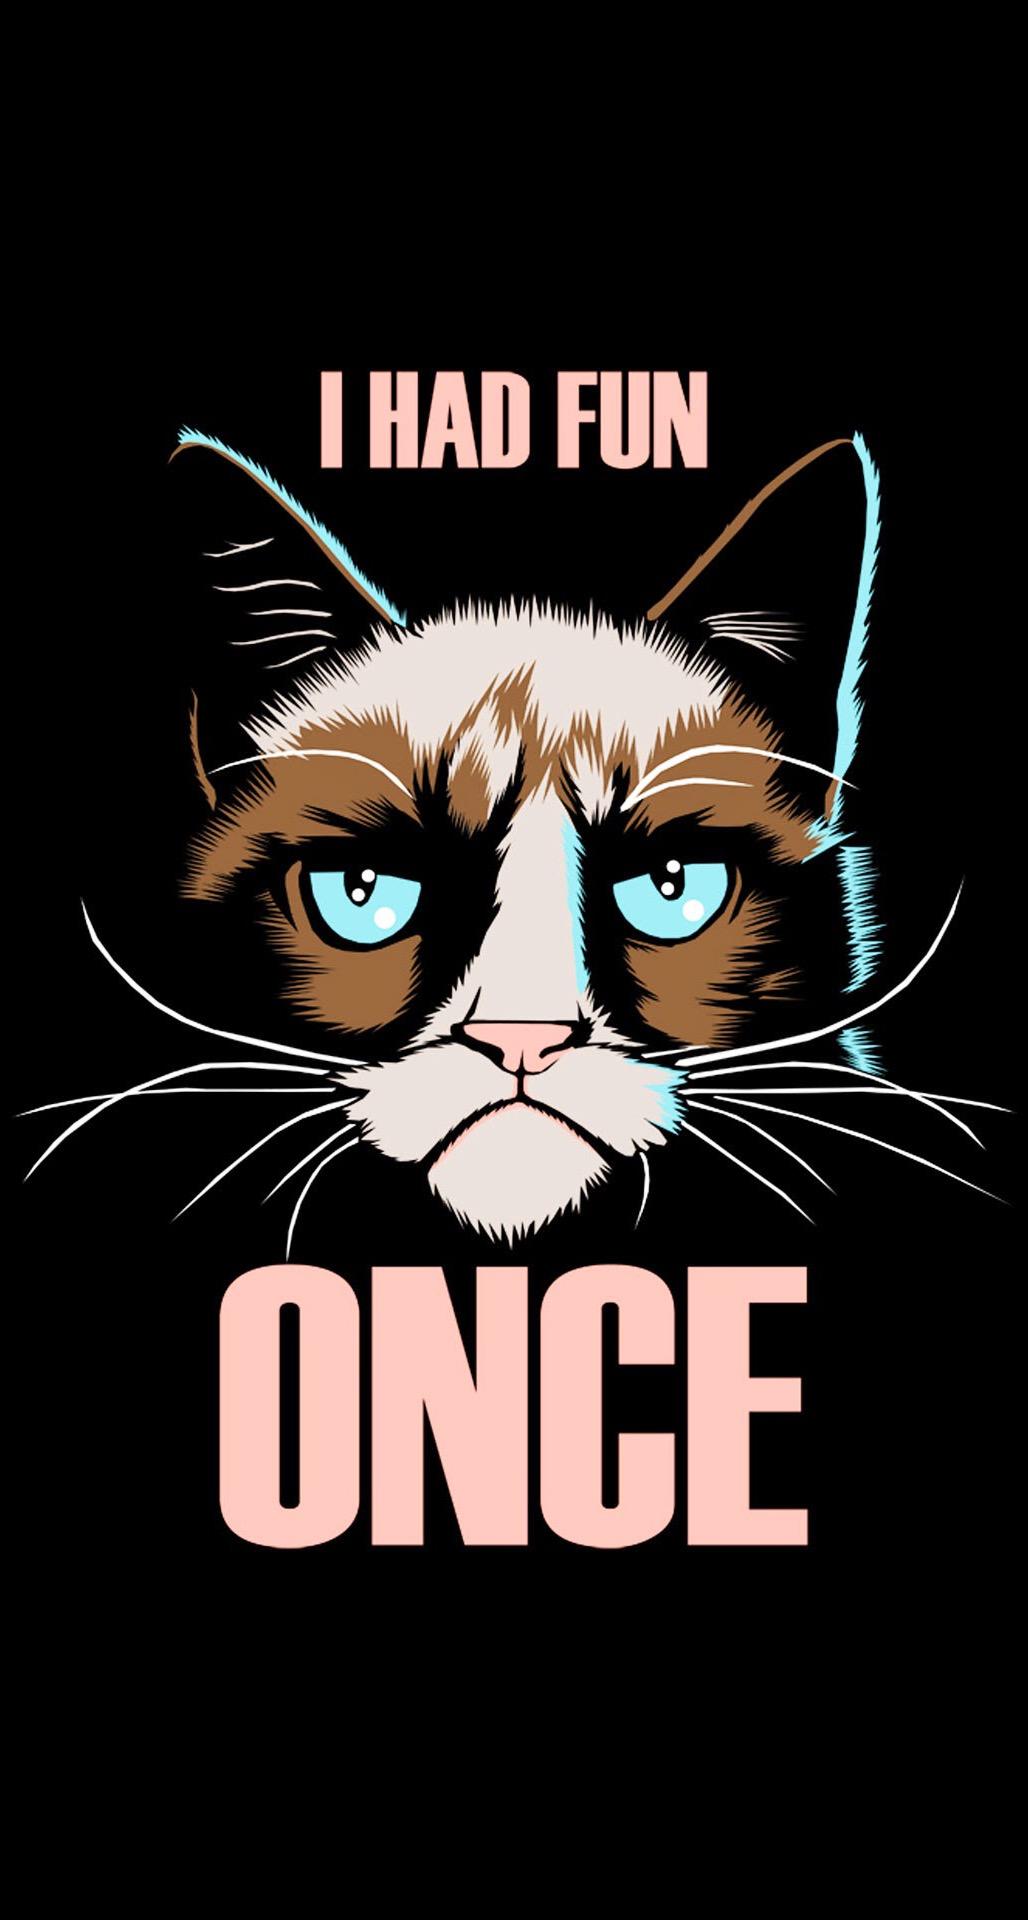 20个有趣的iphone壁纸 - 脾气暴躁的猫